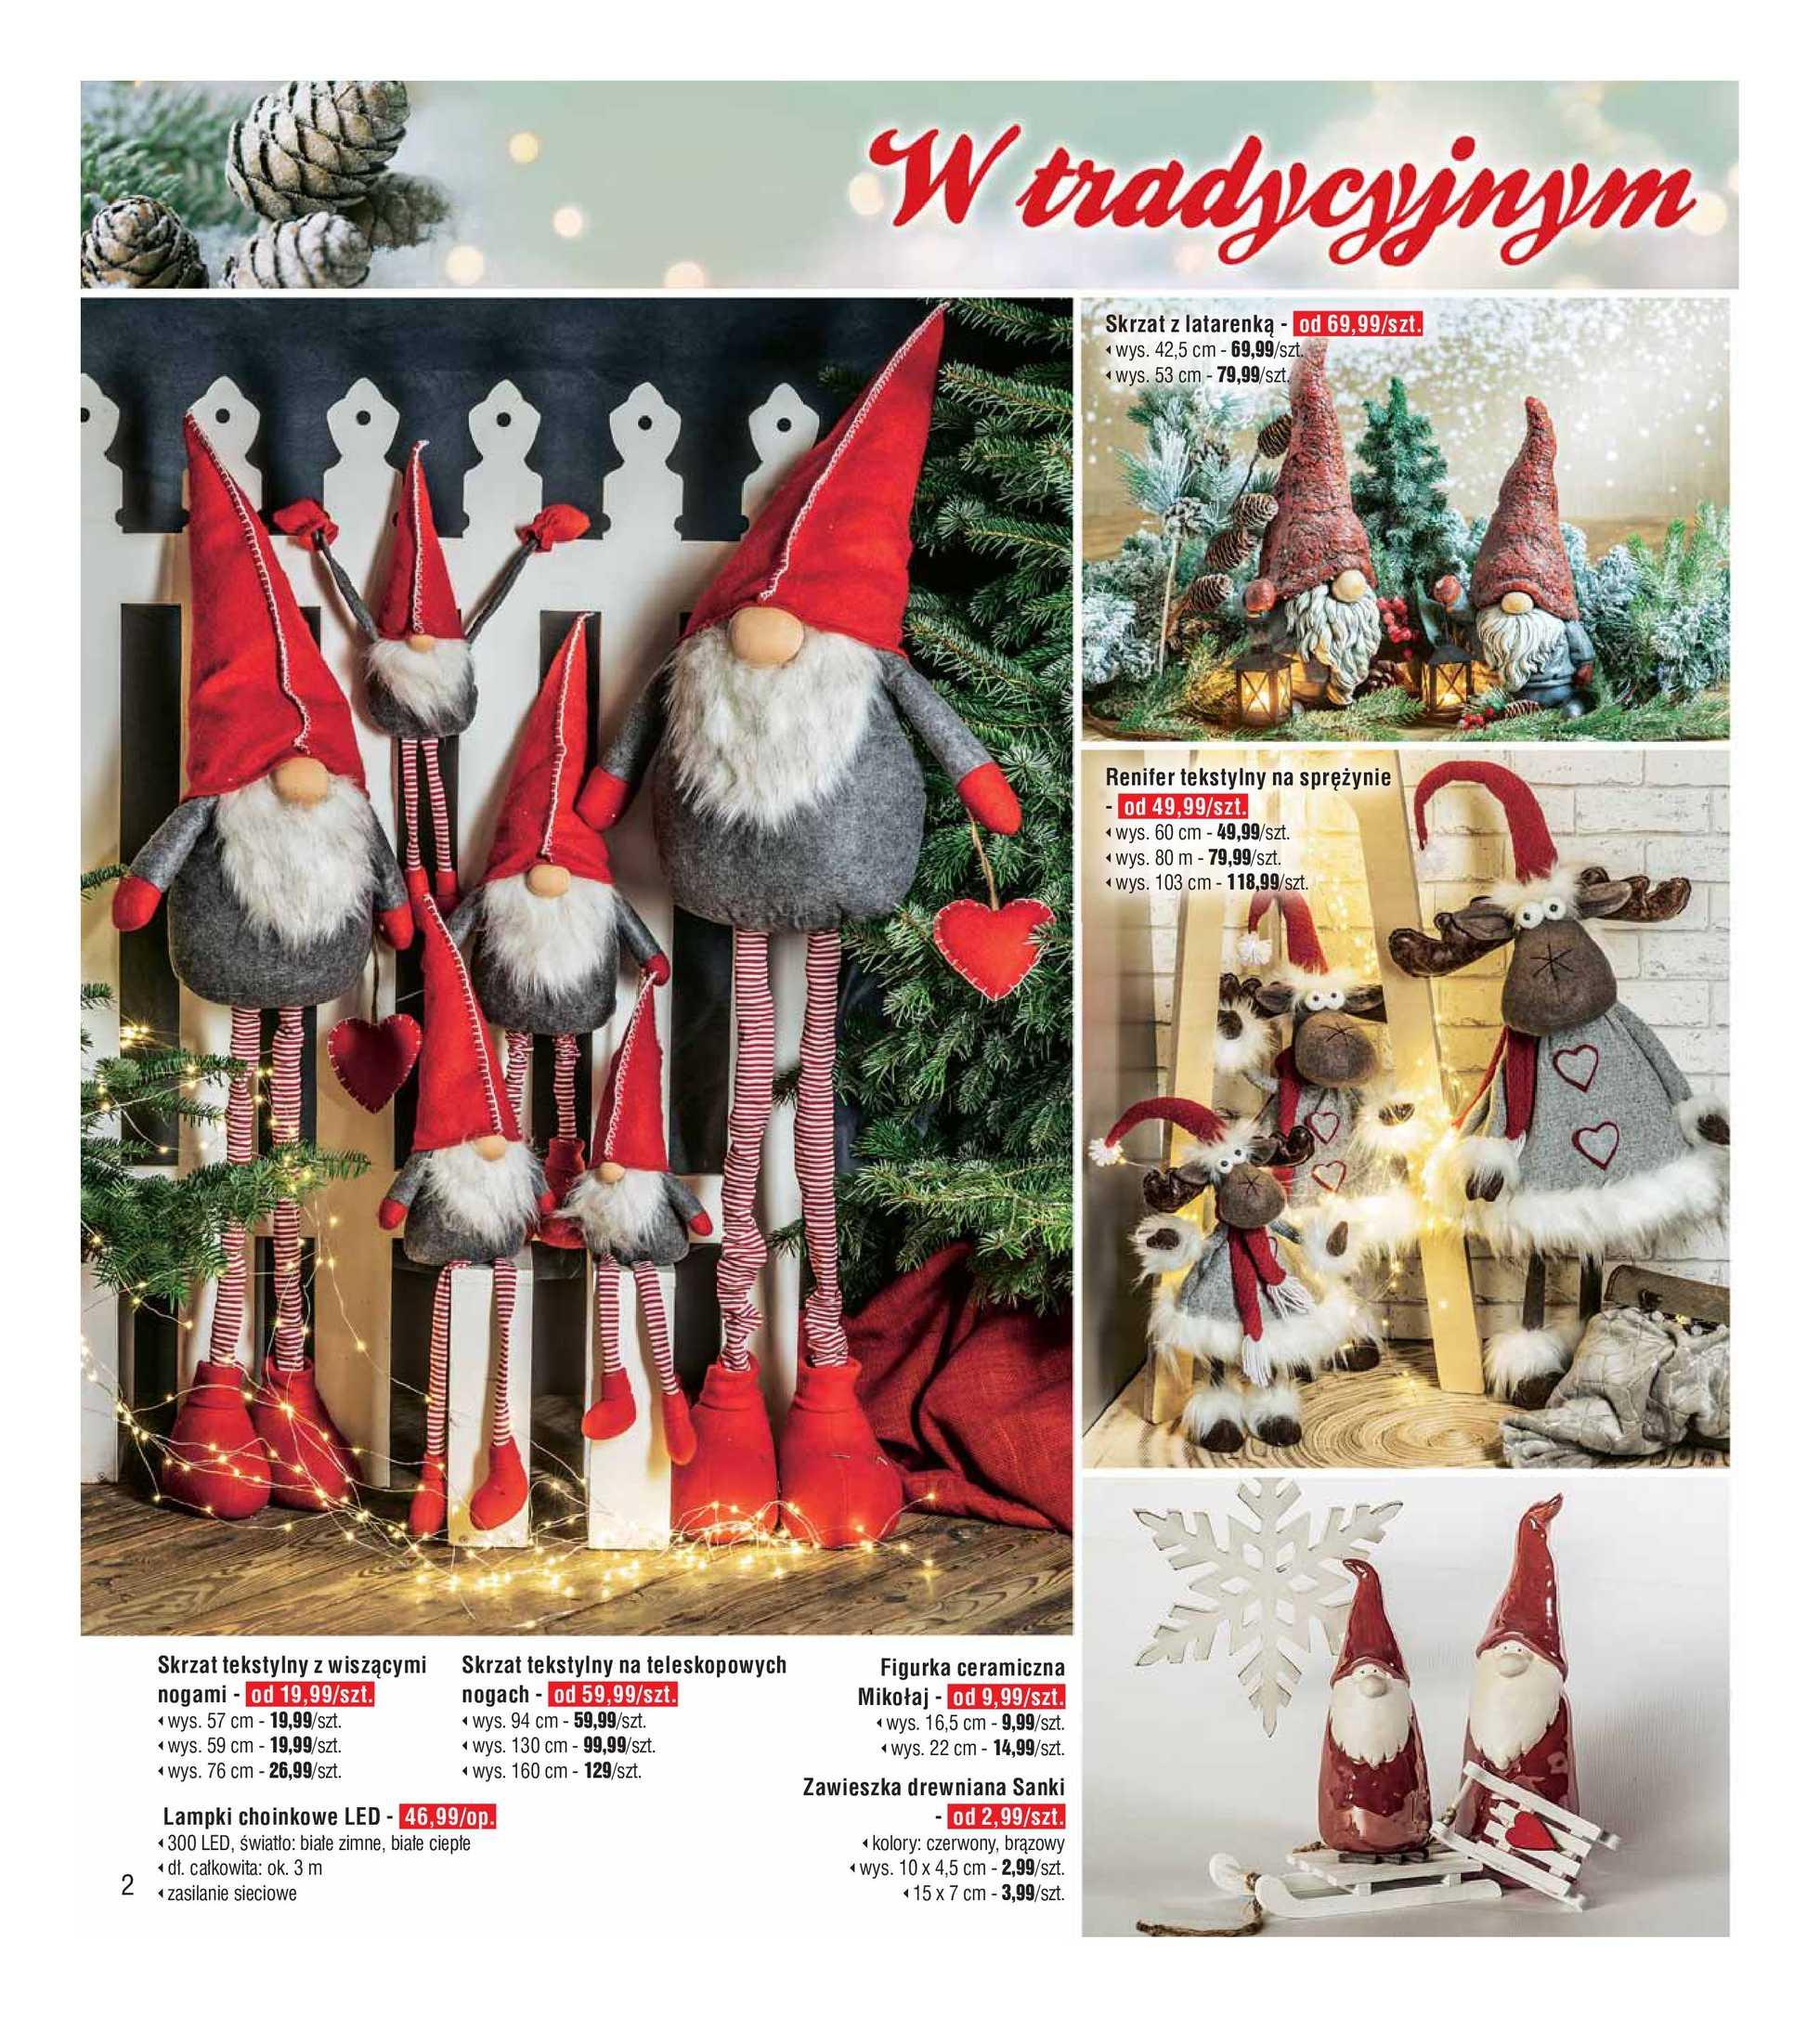 Bricomarche - gazetka promocyjna ważna od 20.11.2019 do 24.12.2019 - strona 2.